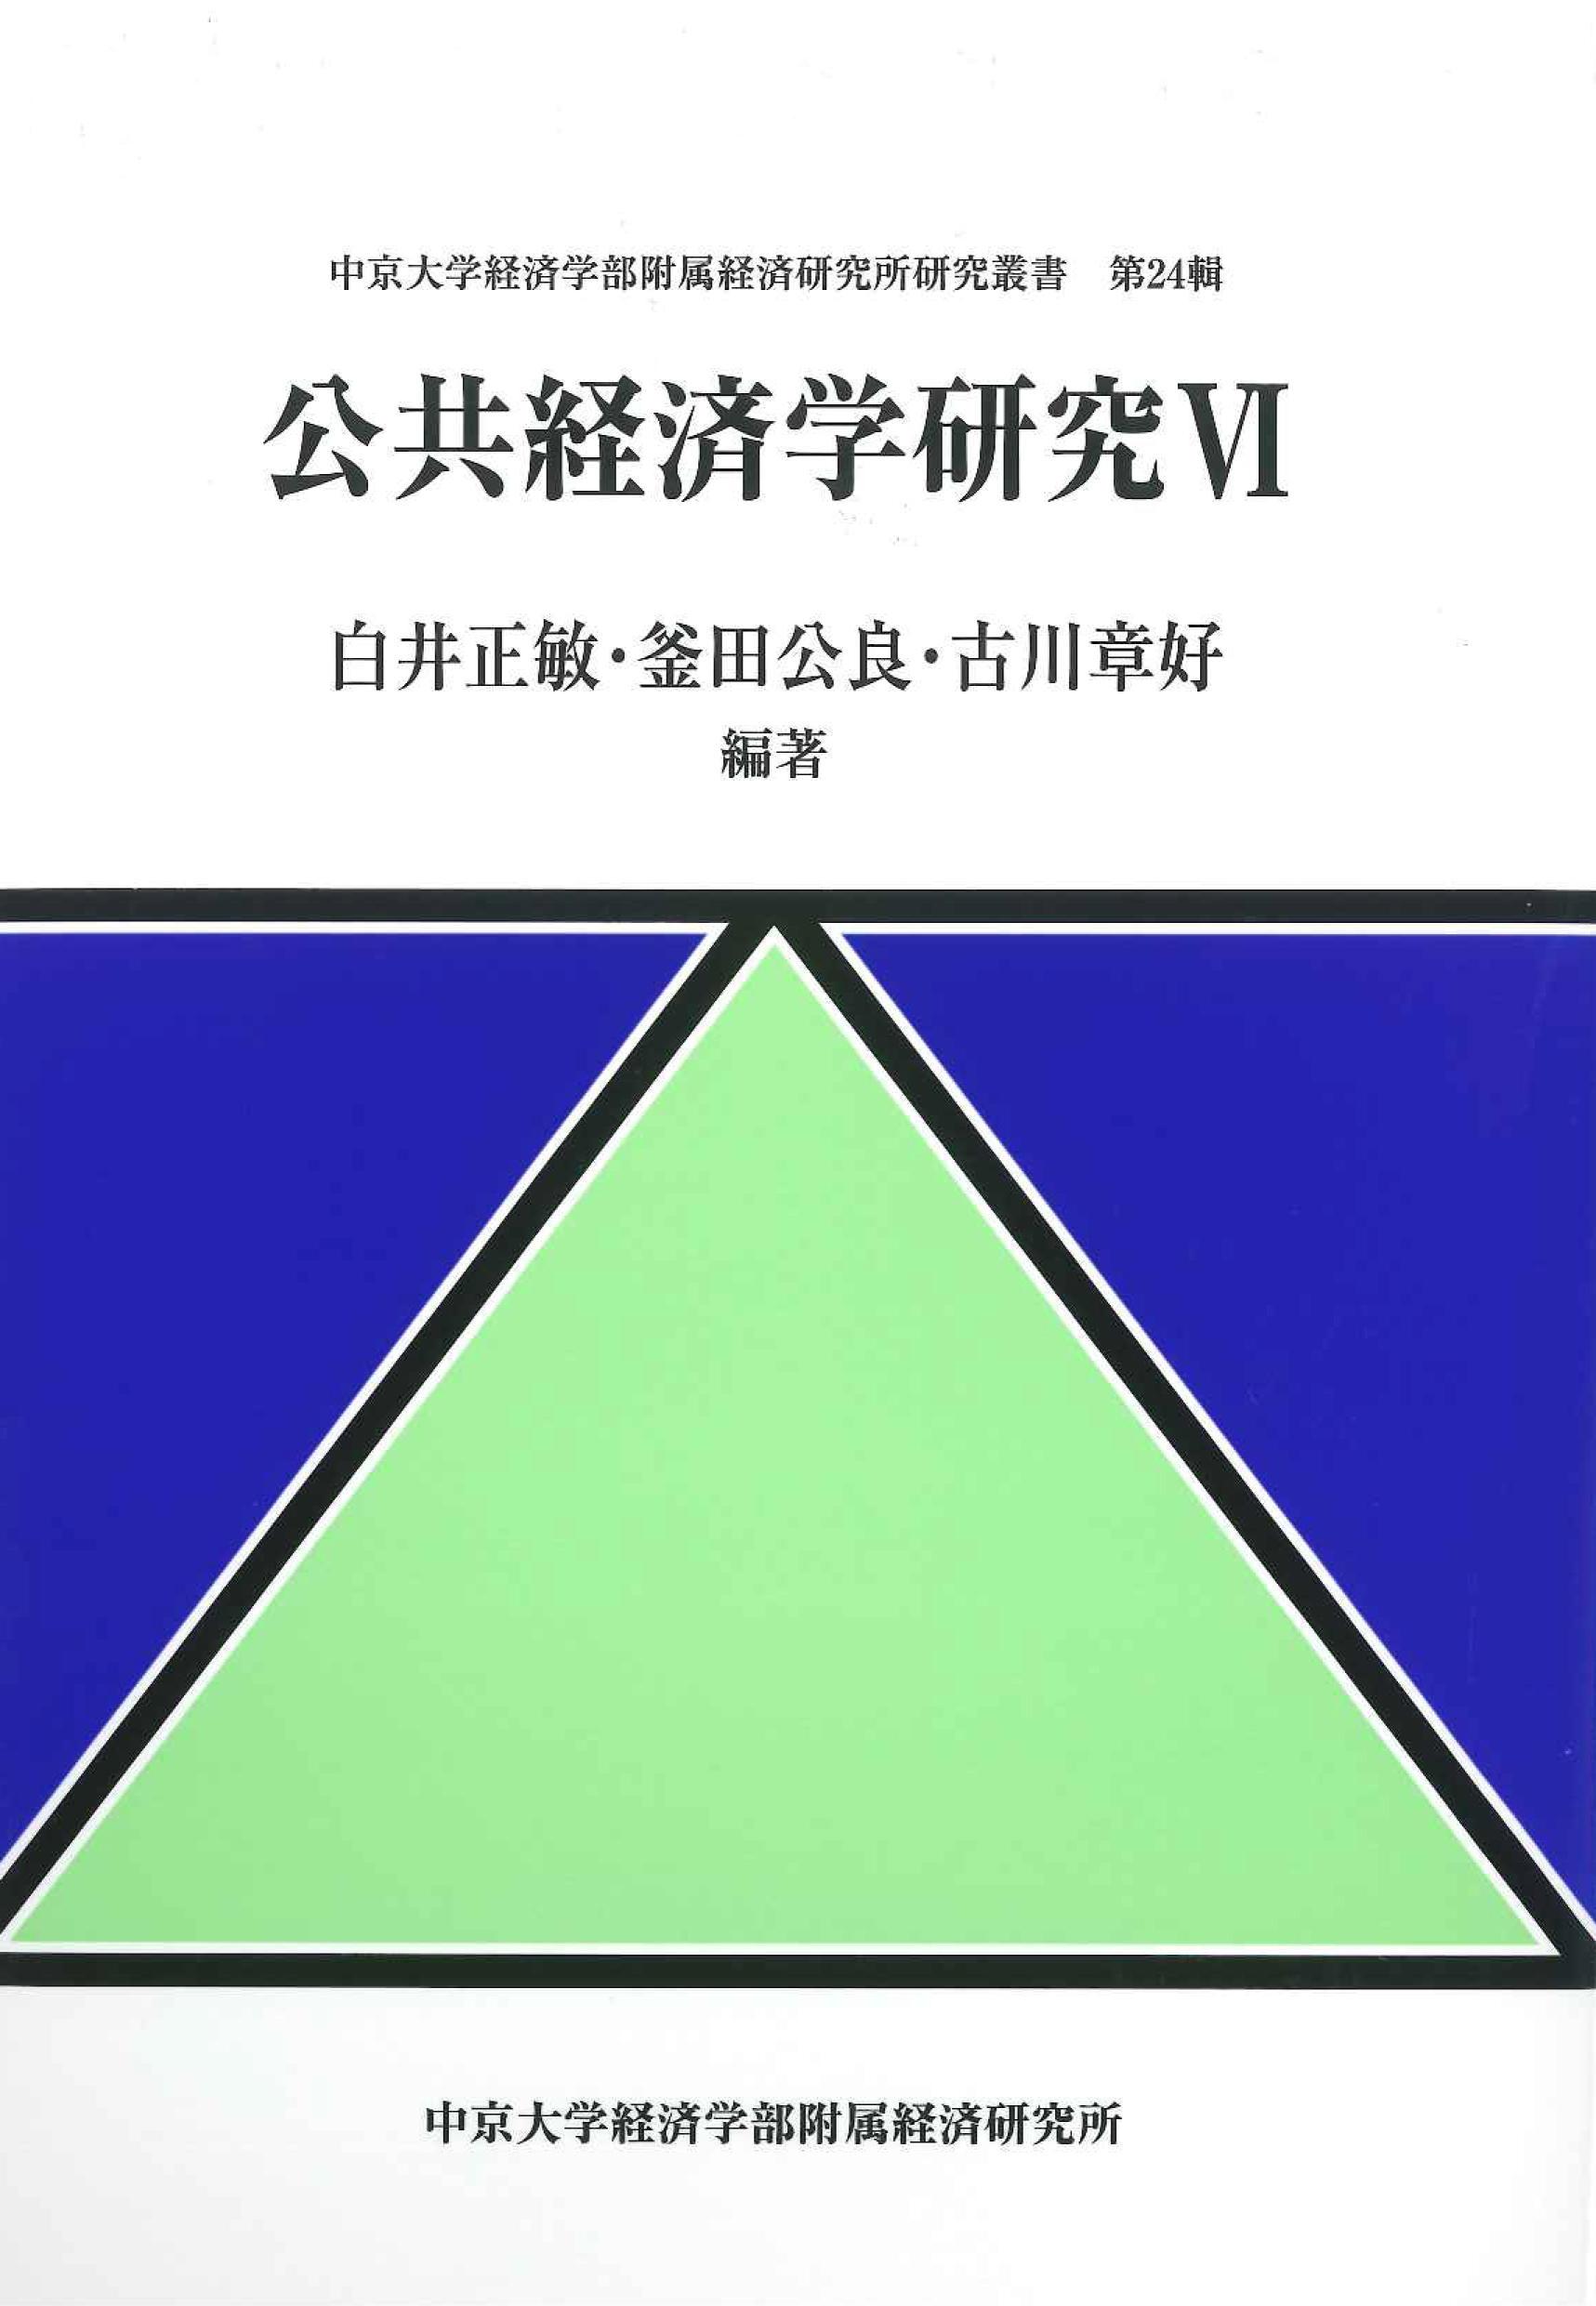 経済学部附属経済研究所研究叢書 第24輯